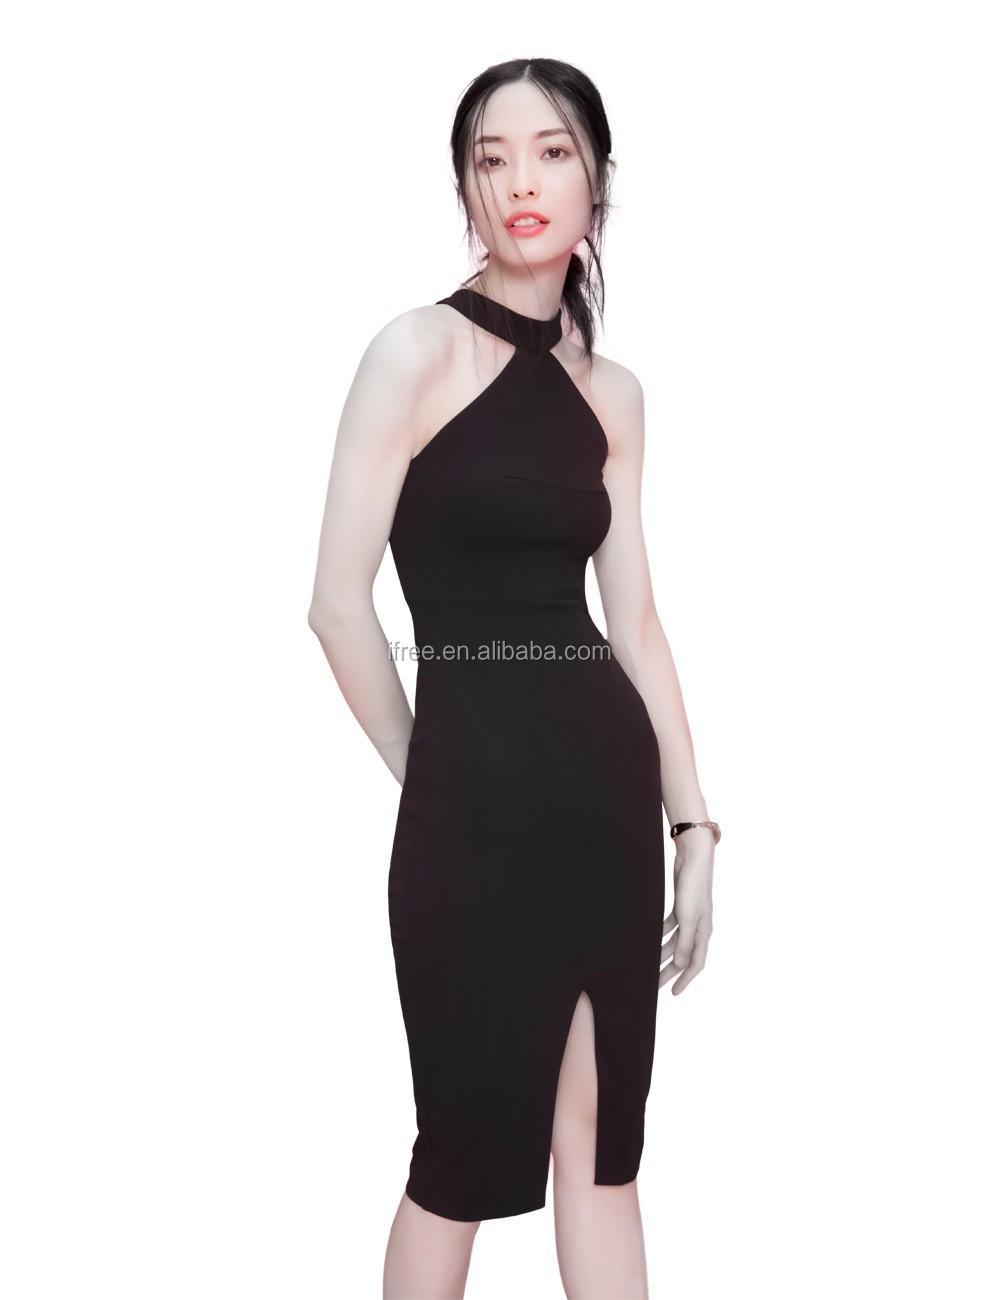 42256fb1e40 2017 verano mujer sexy noche bodycon club mostrar delgada halter hombro sin  mangas pequeño chiffon vestido